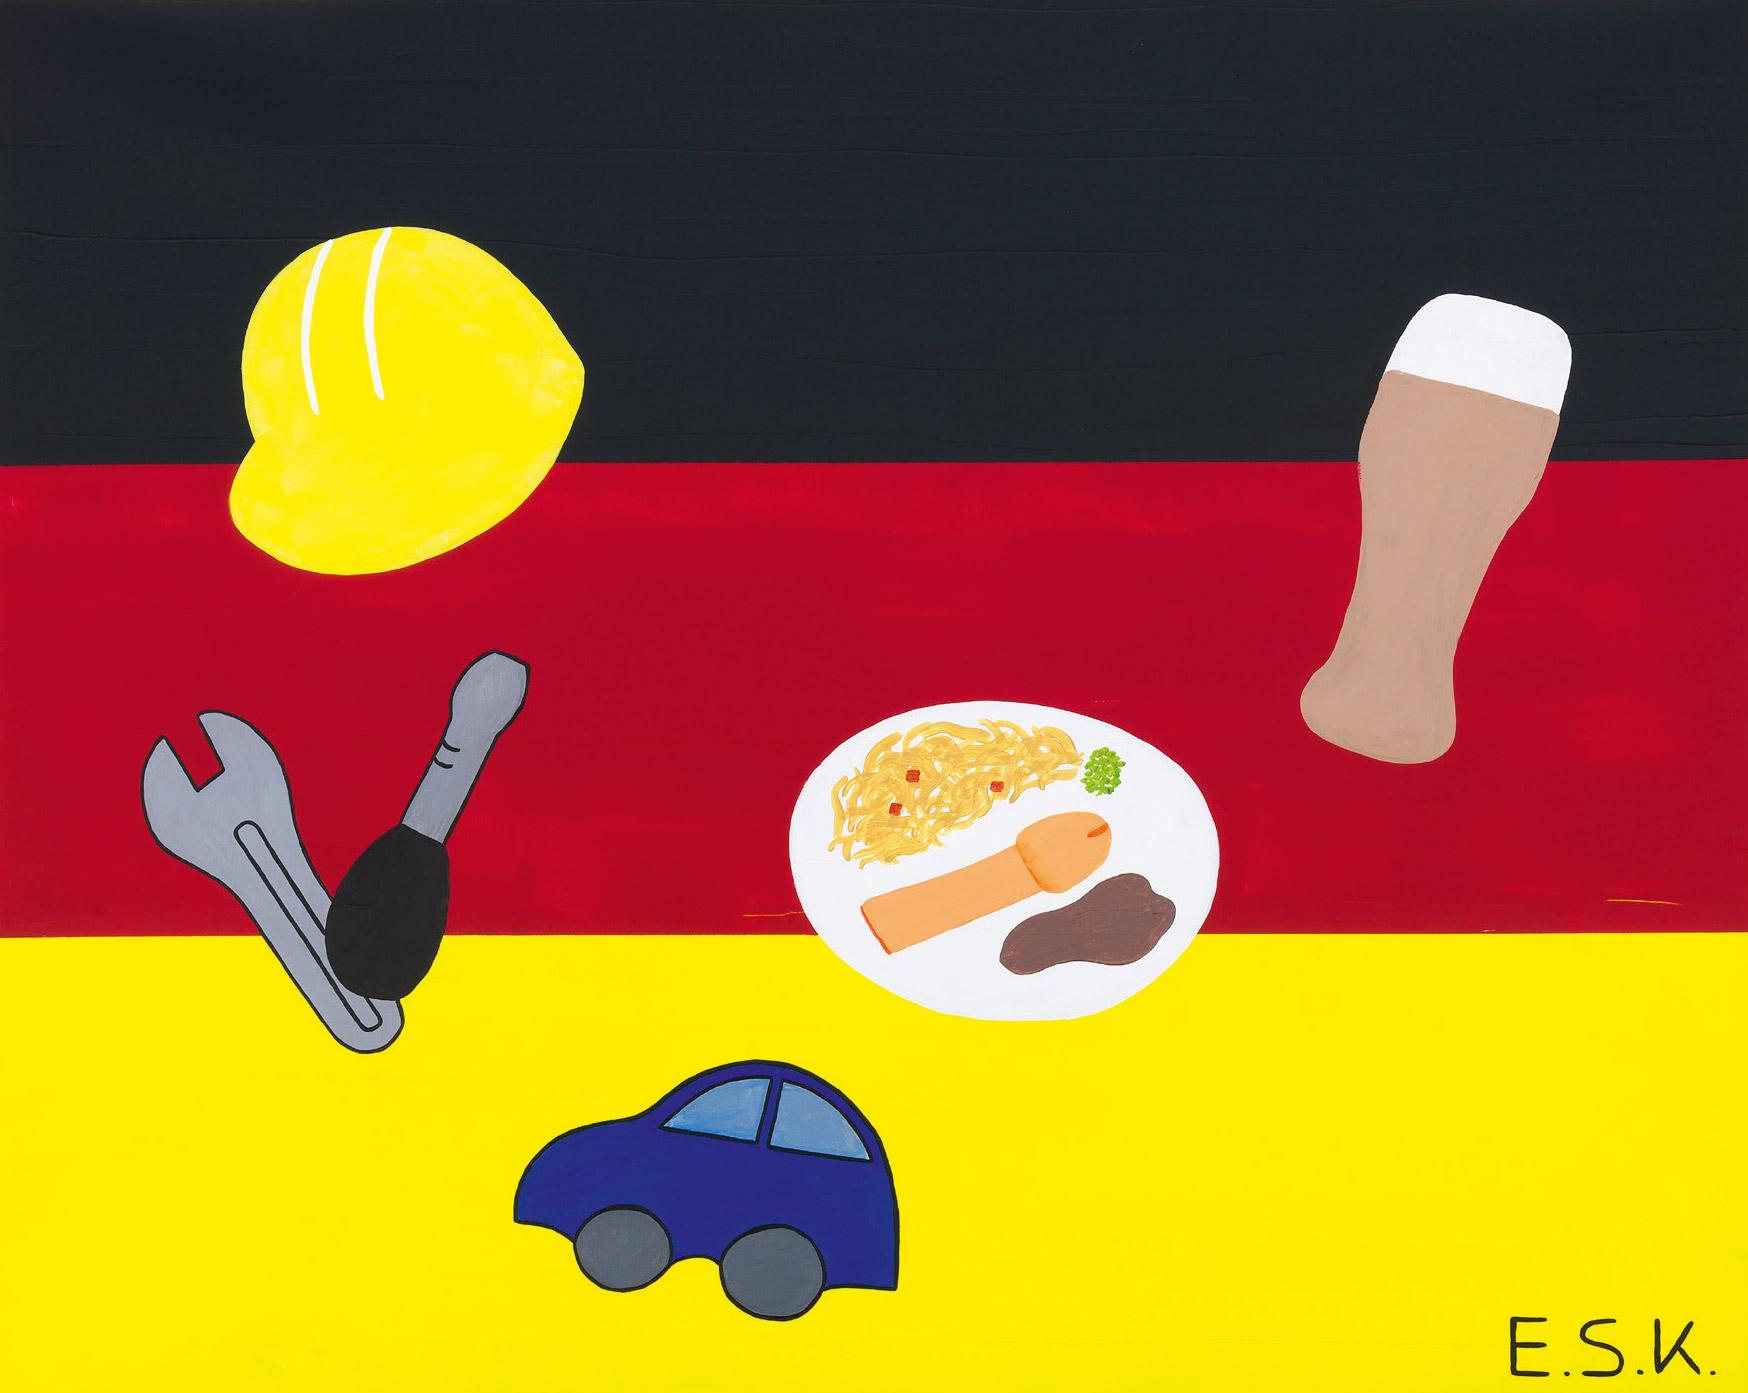 Pop Deutschland - Wuerstchen Pop Art by E.S.K. Eileen Susanne Kreipl